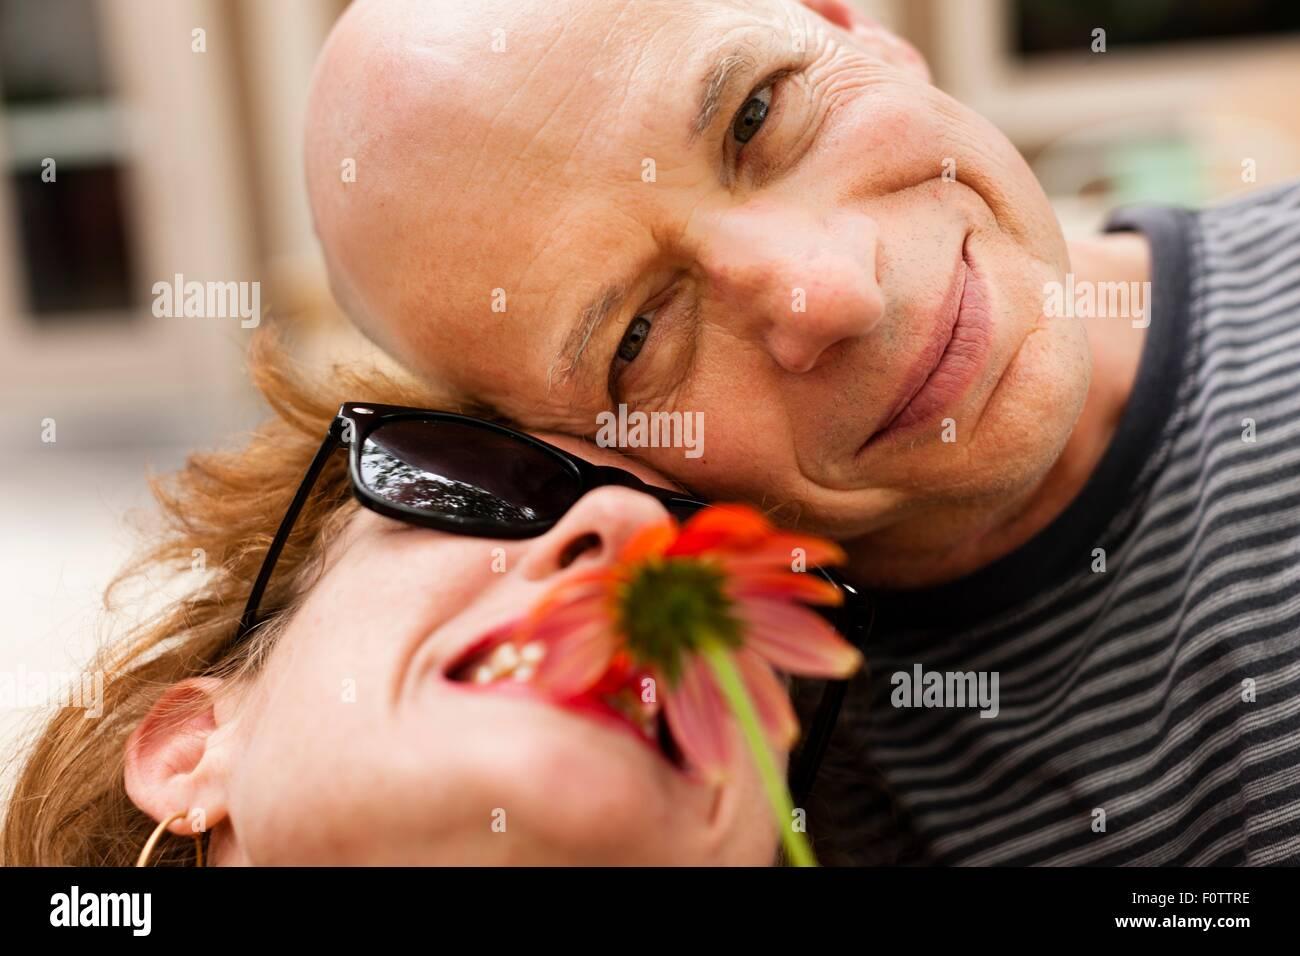 Close up portrait of smiling couple avec fleur rouge Banque D'Images